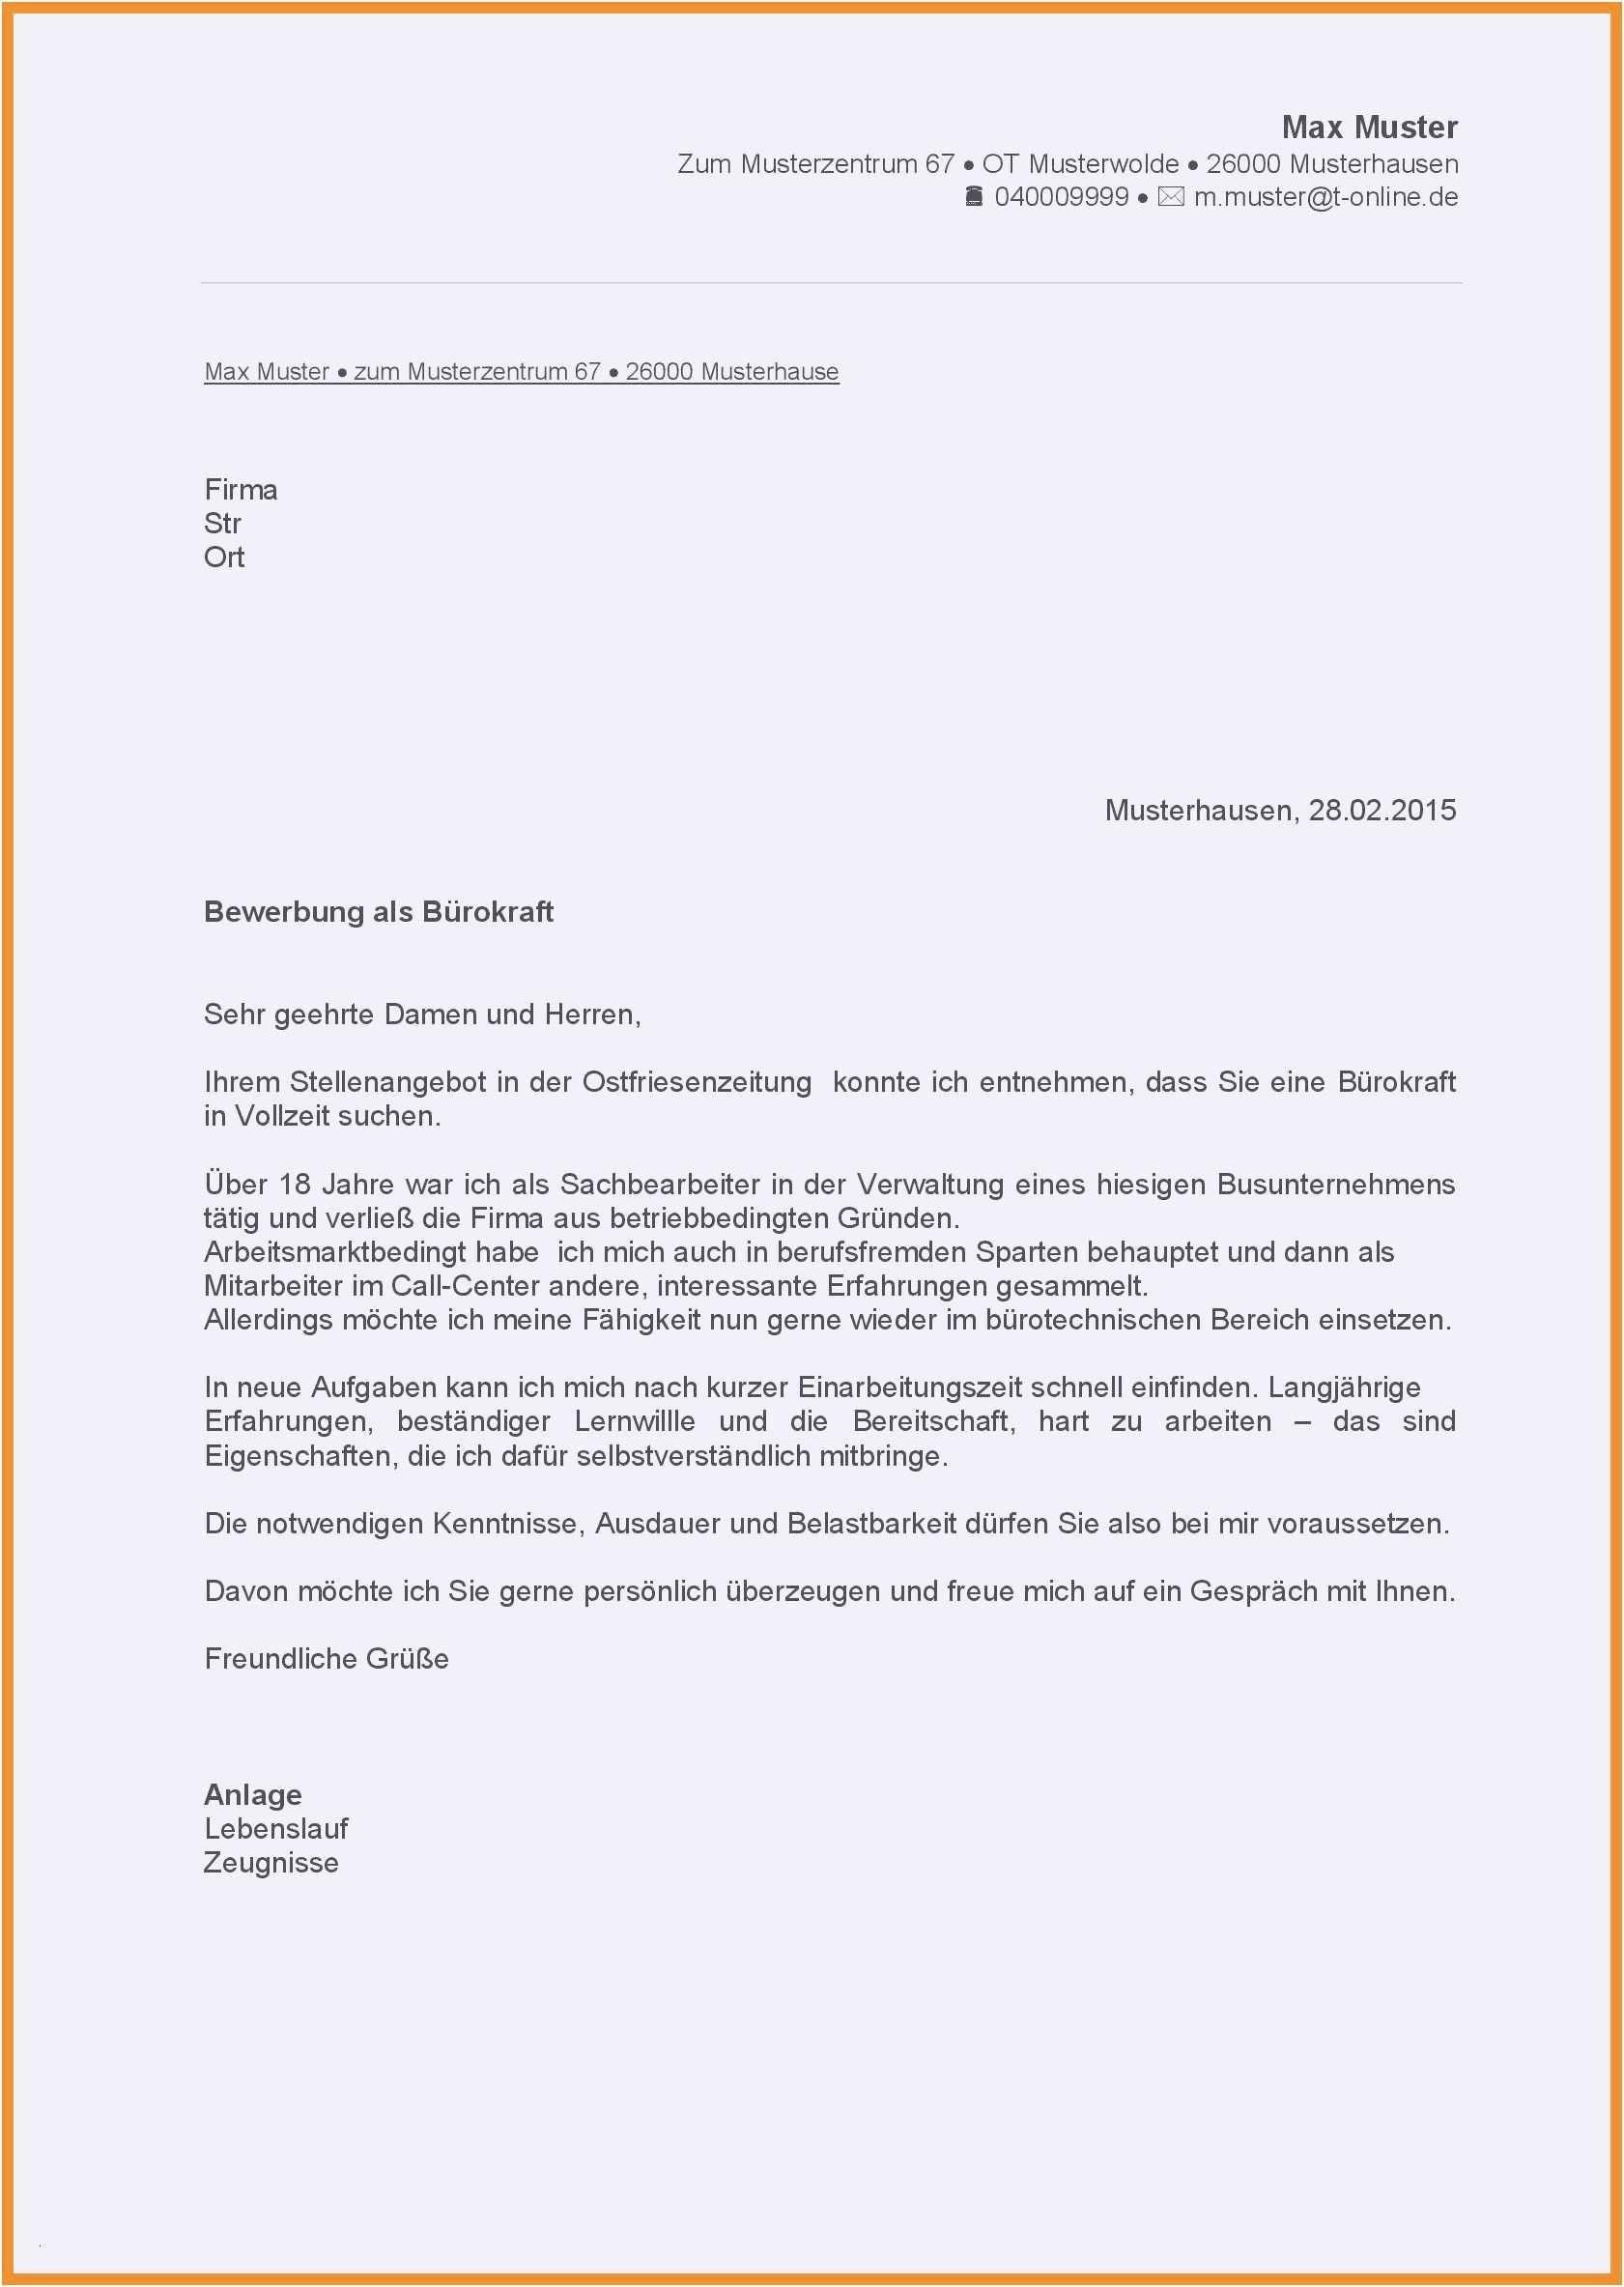 Frisch Bewerbungsschreiben Produktionshelfer Ohne Erfahrung Briefprobe Briefformat Briefvorla Bewerbung Schreiben Lebenslauf Anschreiben Anschreiben Vorlage